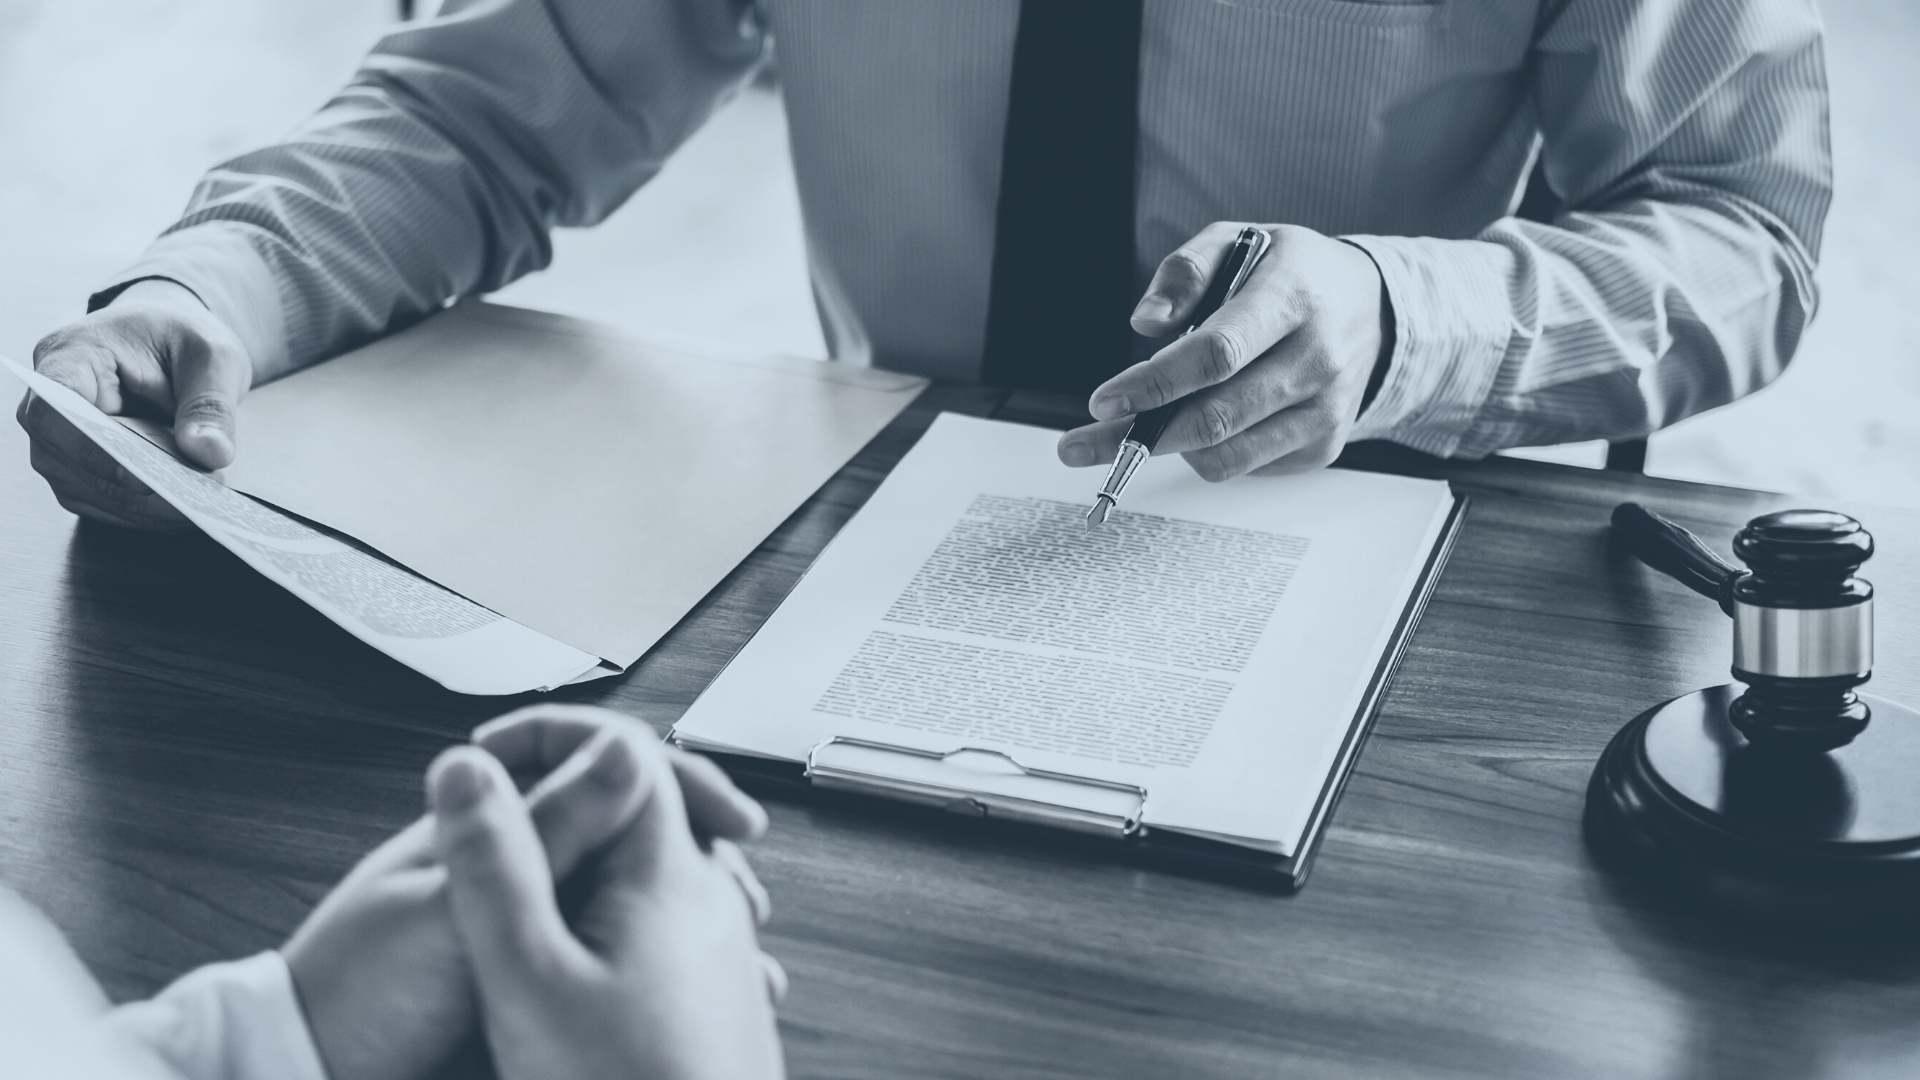 Datenschutz Anwalt Kanzlei